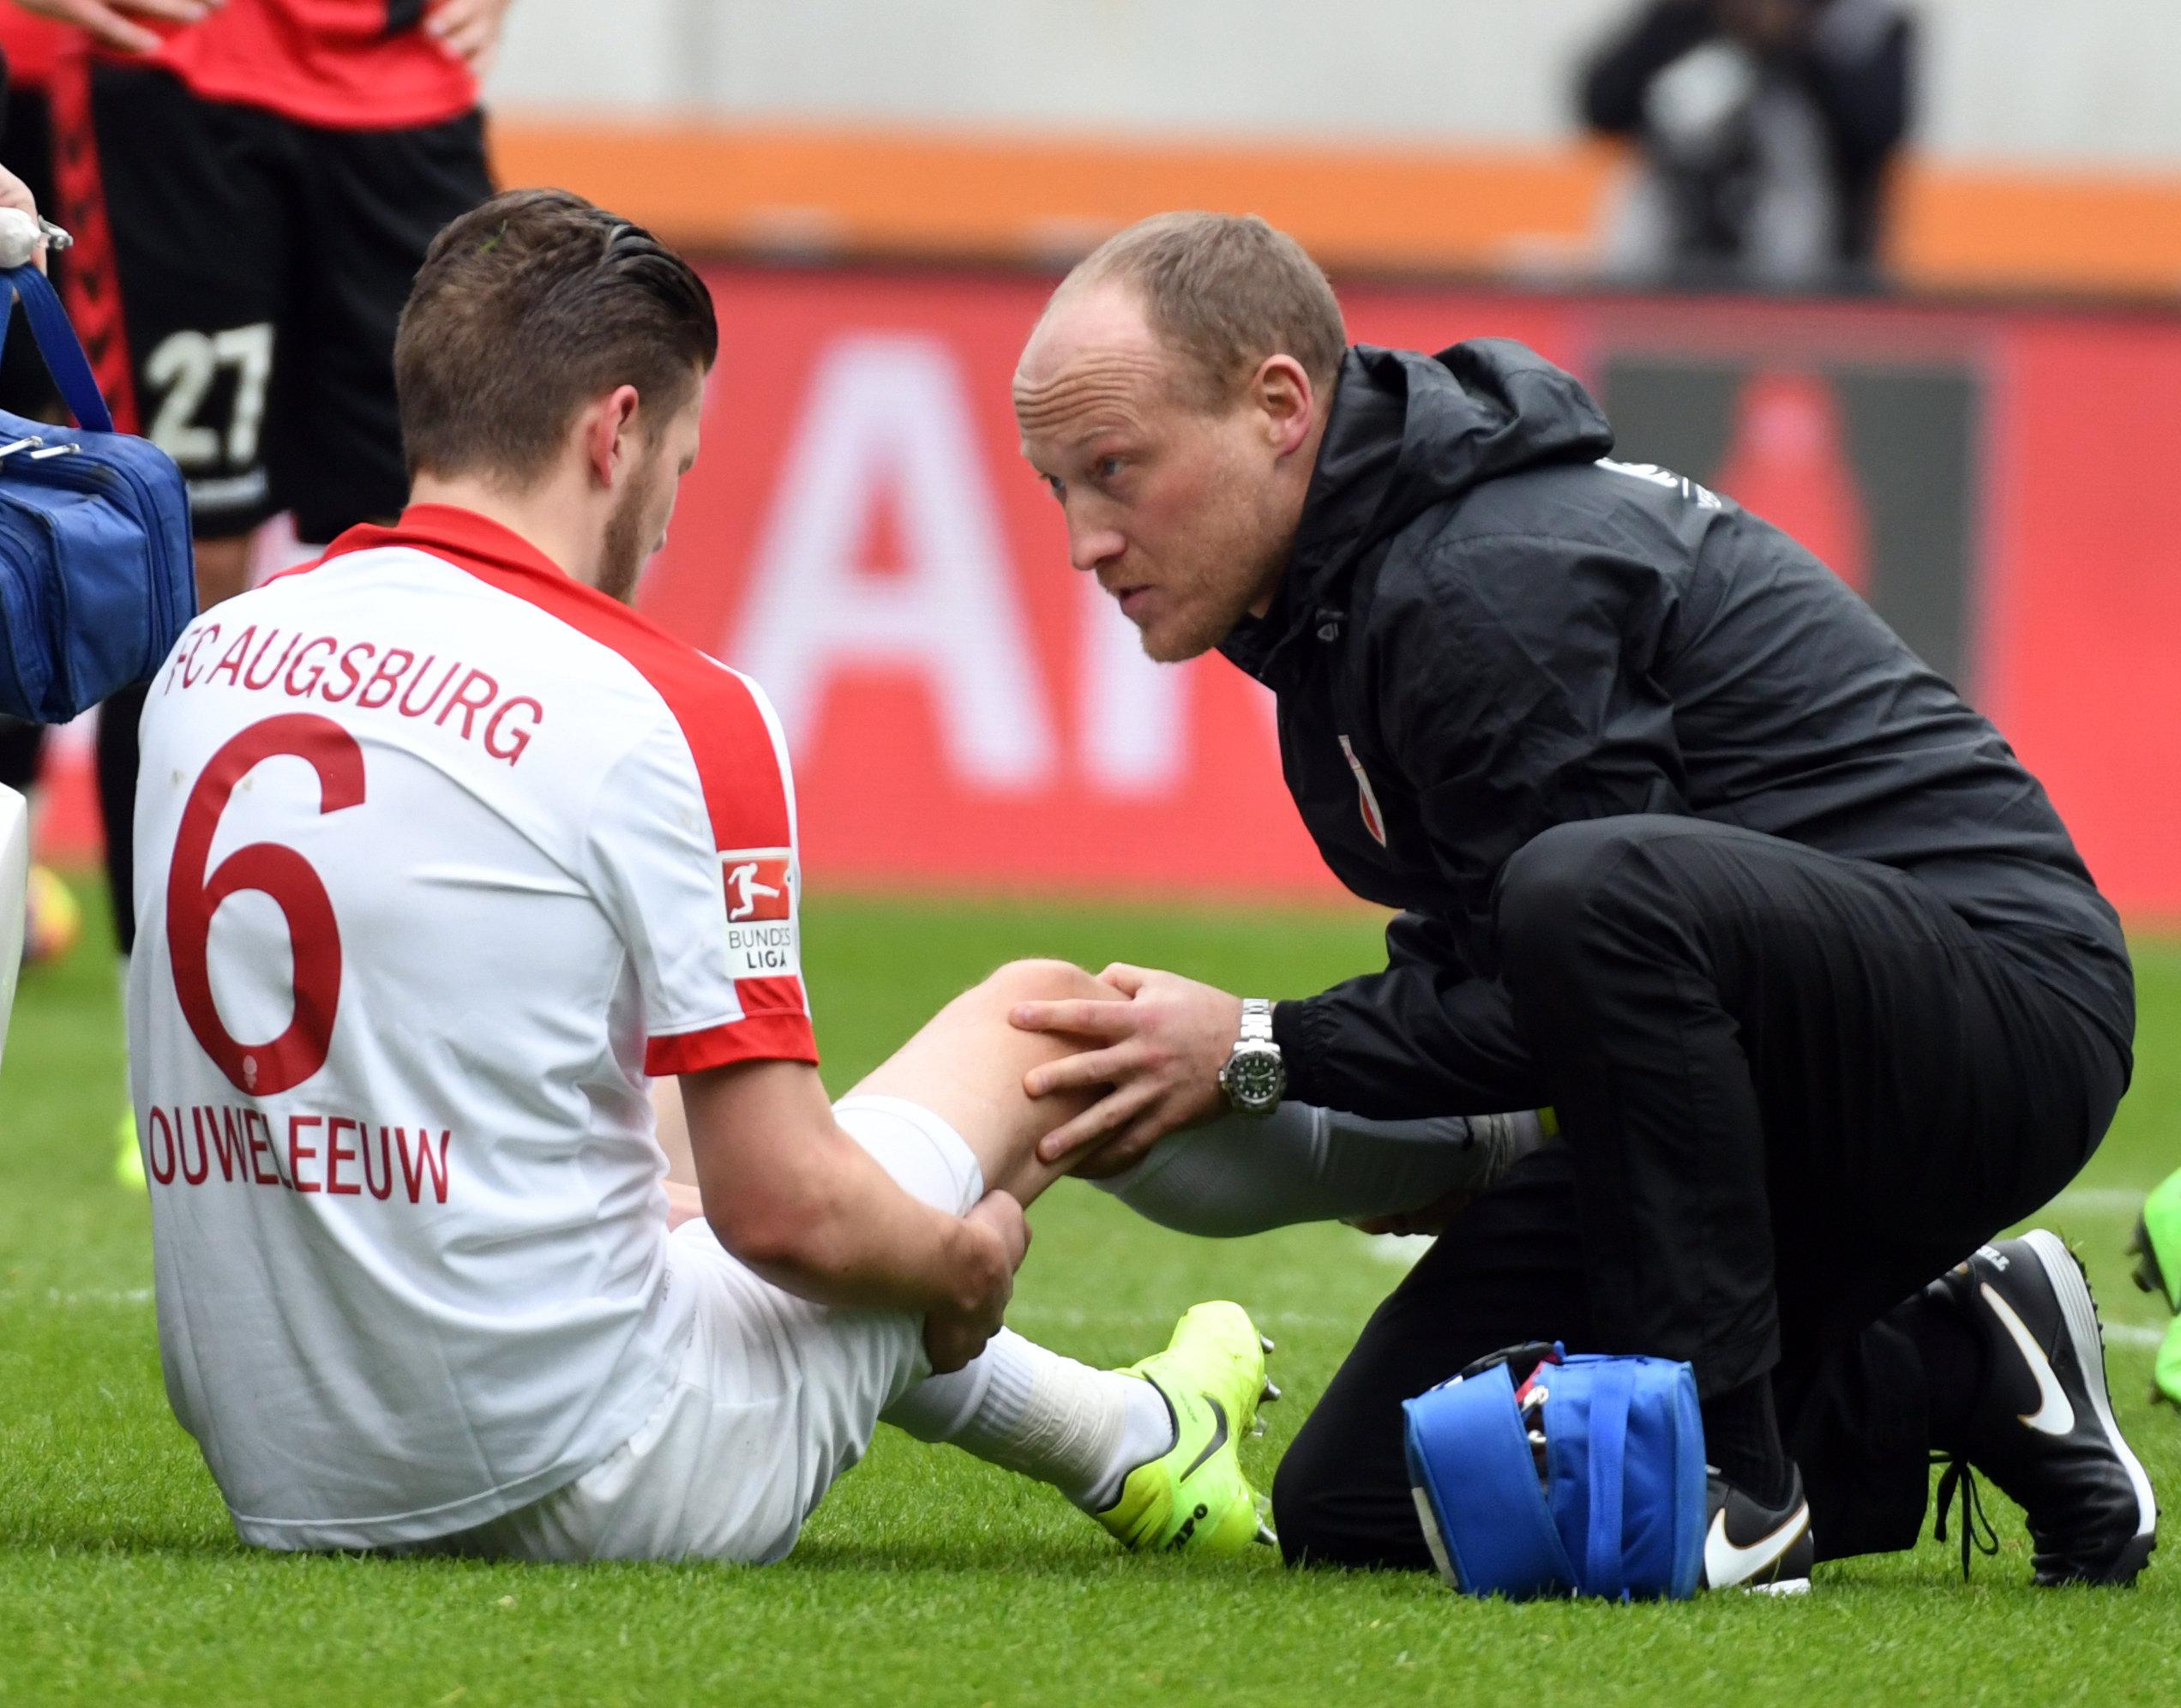 Der Moment, in dem die Auswechslung feststand: Jeffrey Gouweleeuw wird von Arzt Peter Stiller im Spiel gegen den FC Freiburg behandelt.